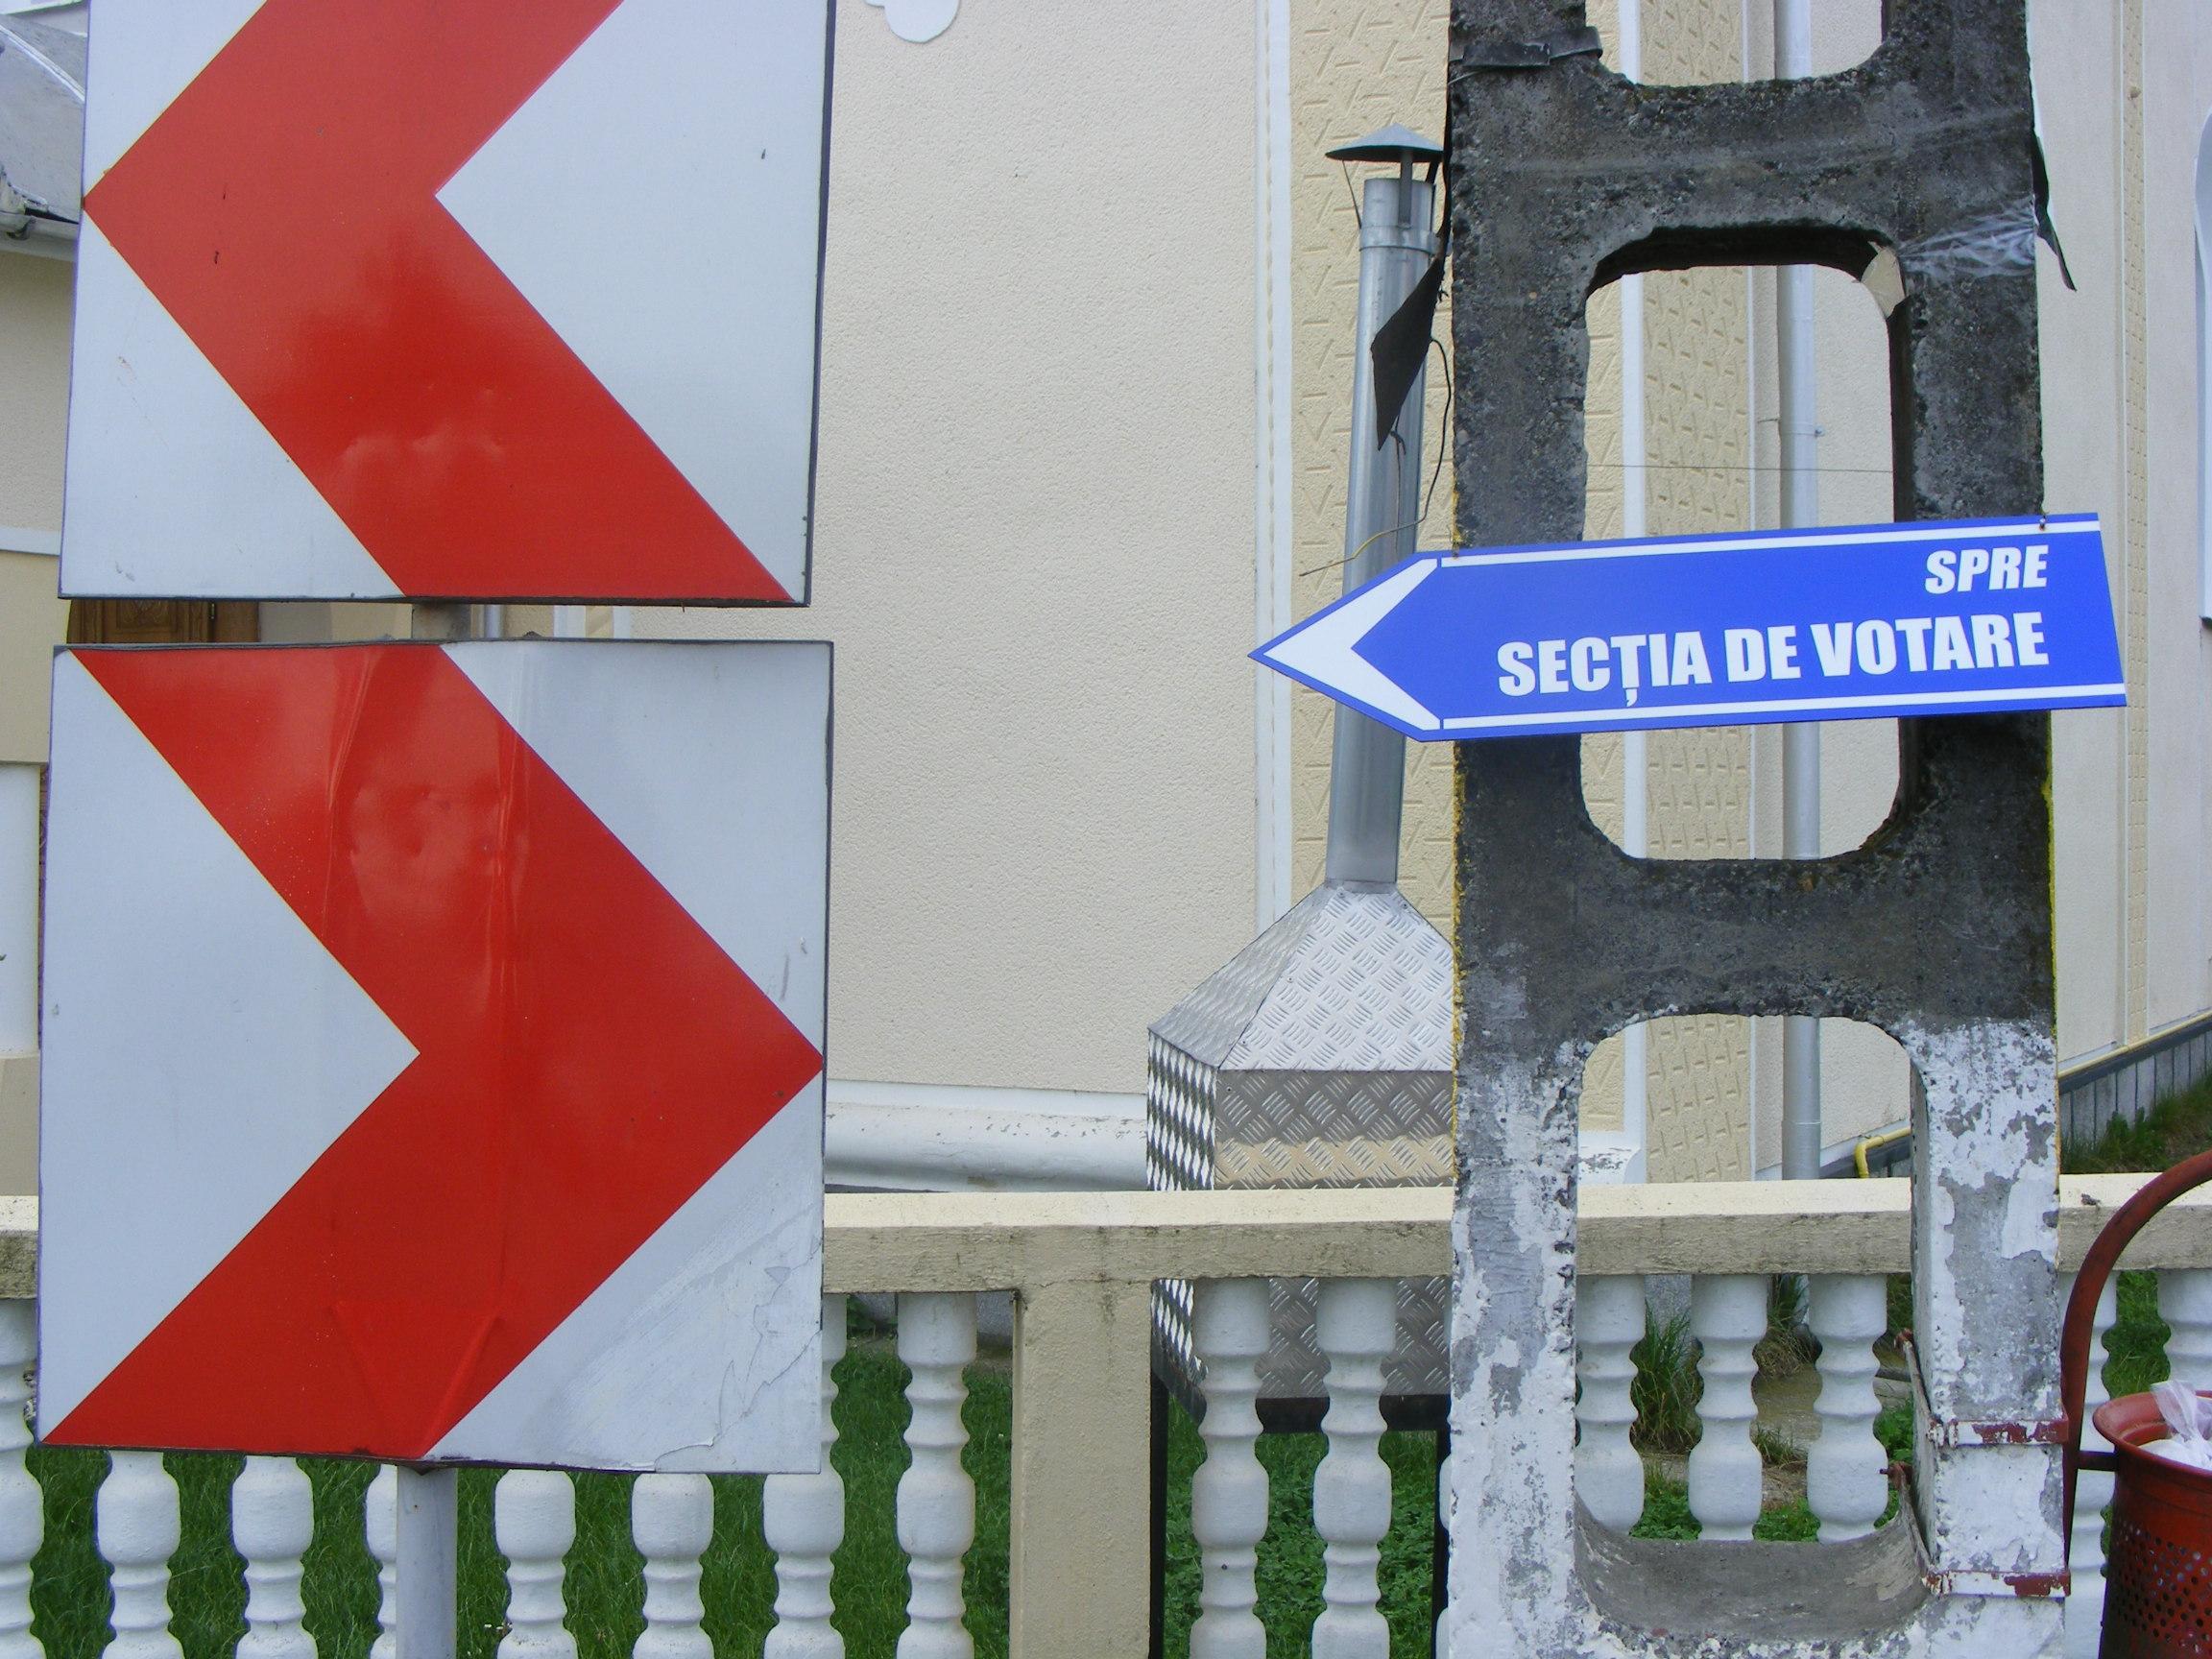 Premieră electorală-Număr egal de voturi la Mireşu Mare (VIDEO)